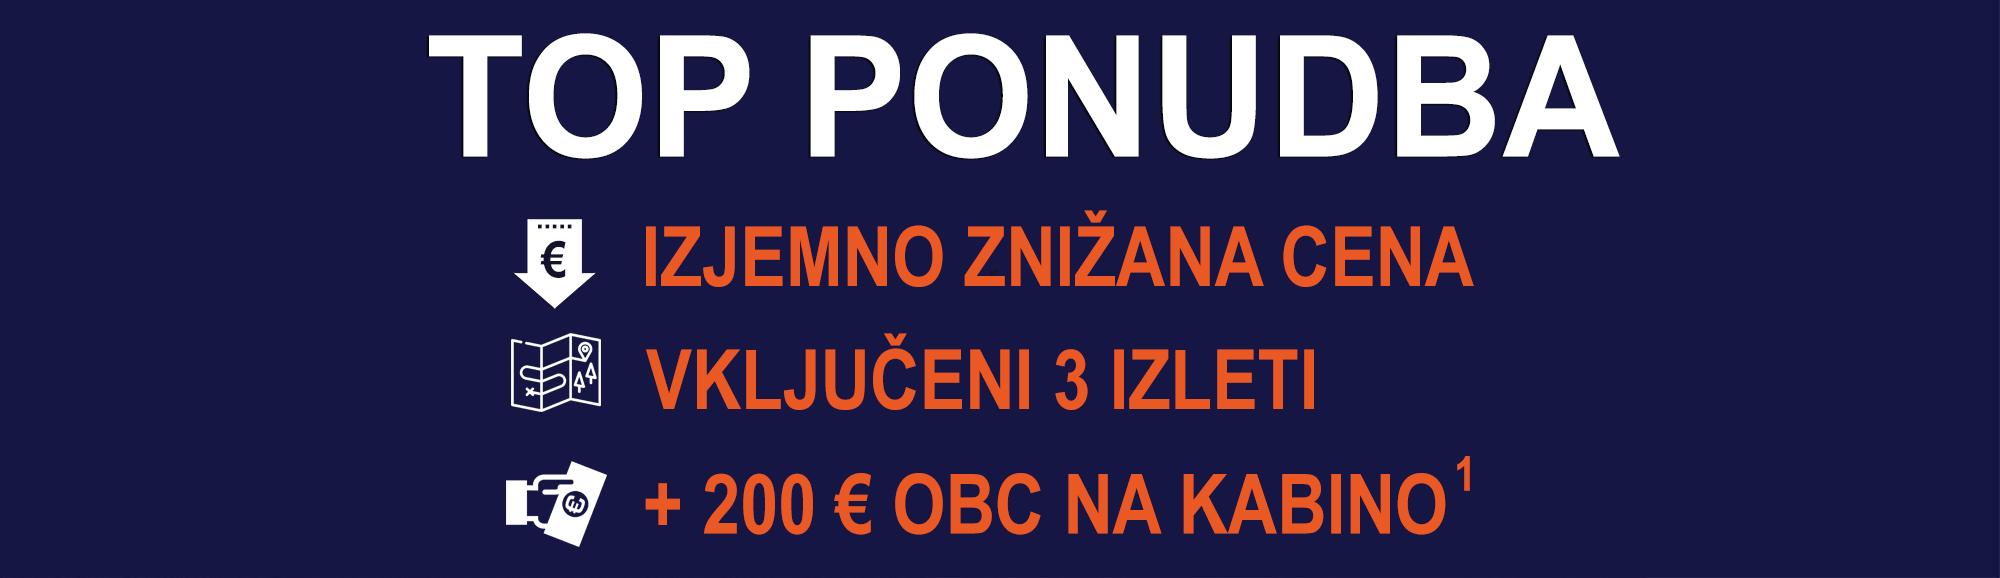 top_ponudba_msc_gr_251020202.jpg